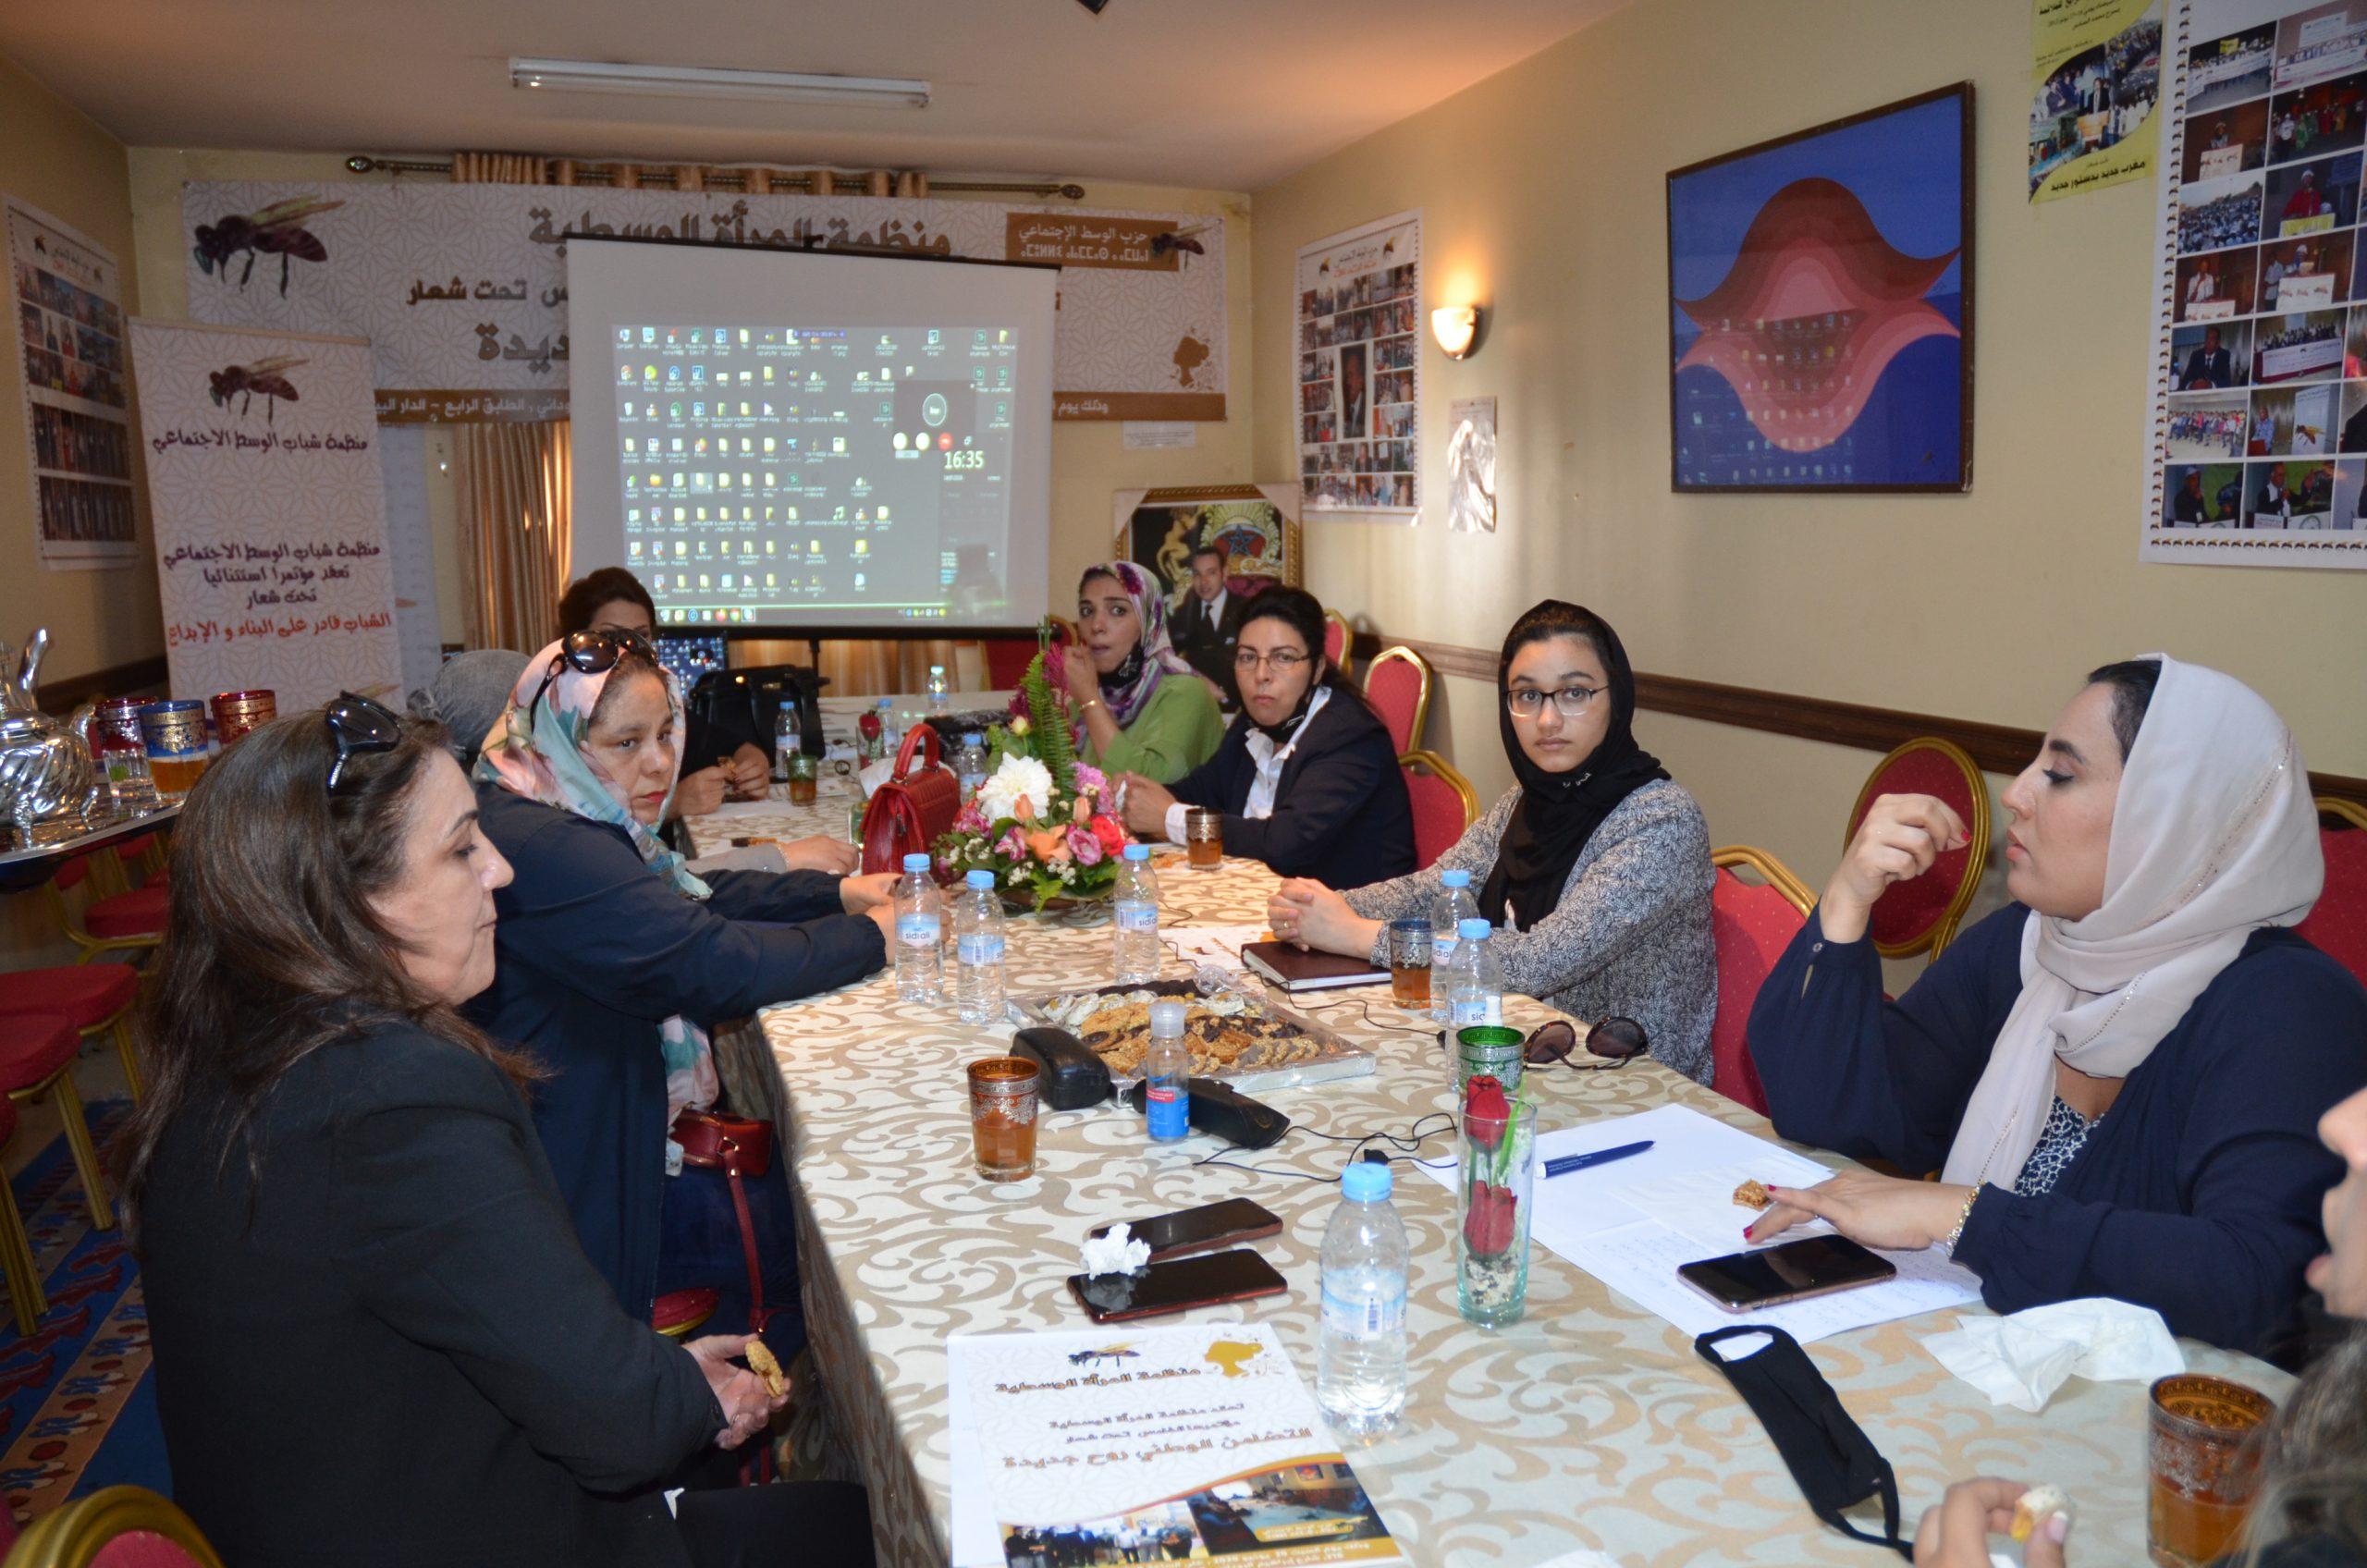 صورة منظمة المرأة الوسطية  ندوة للنقاش عن بعد بتقنية المباشر  النتائج المترتبة عن الطلاق إيجابية او سلبية